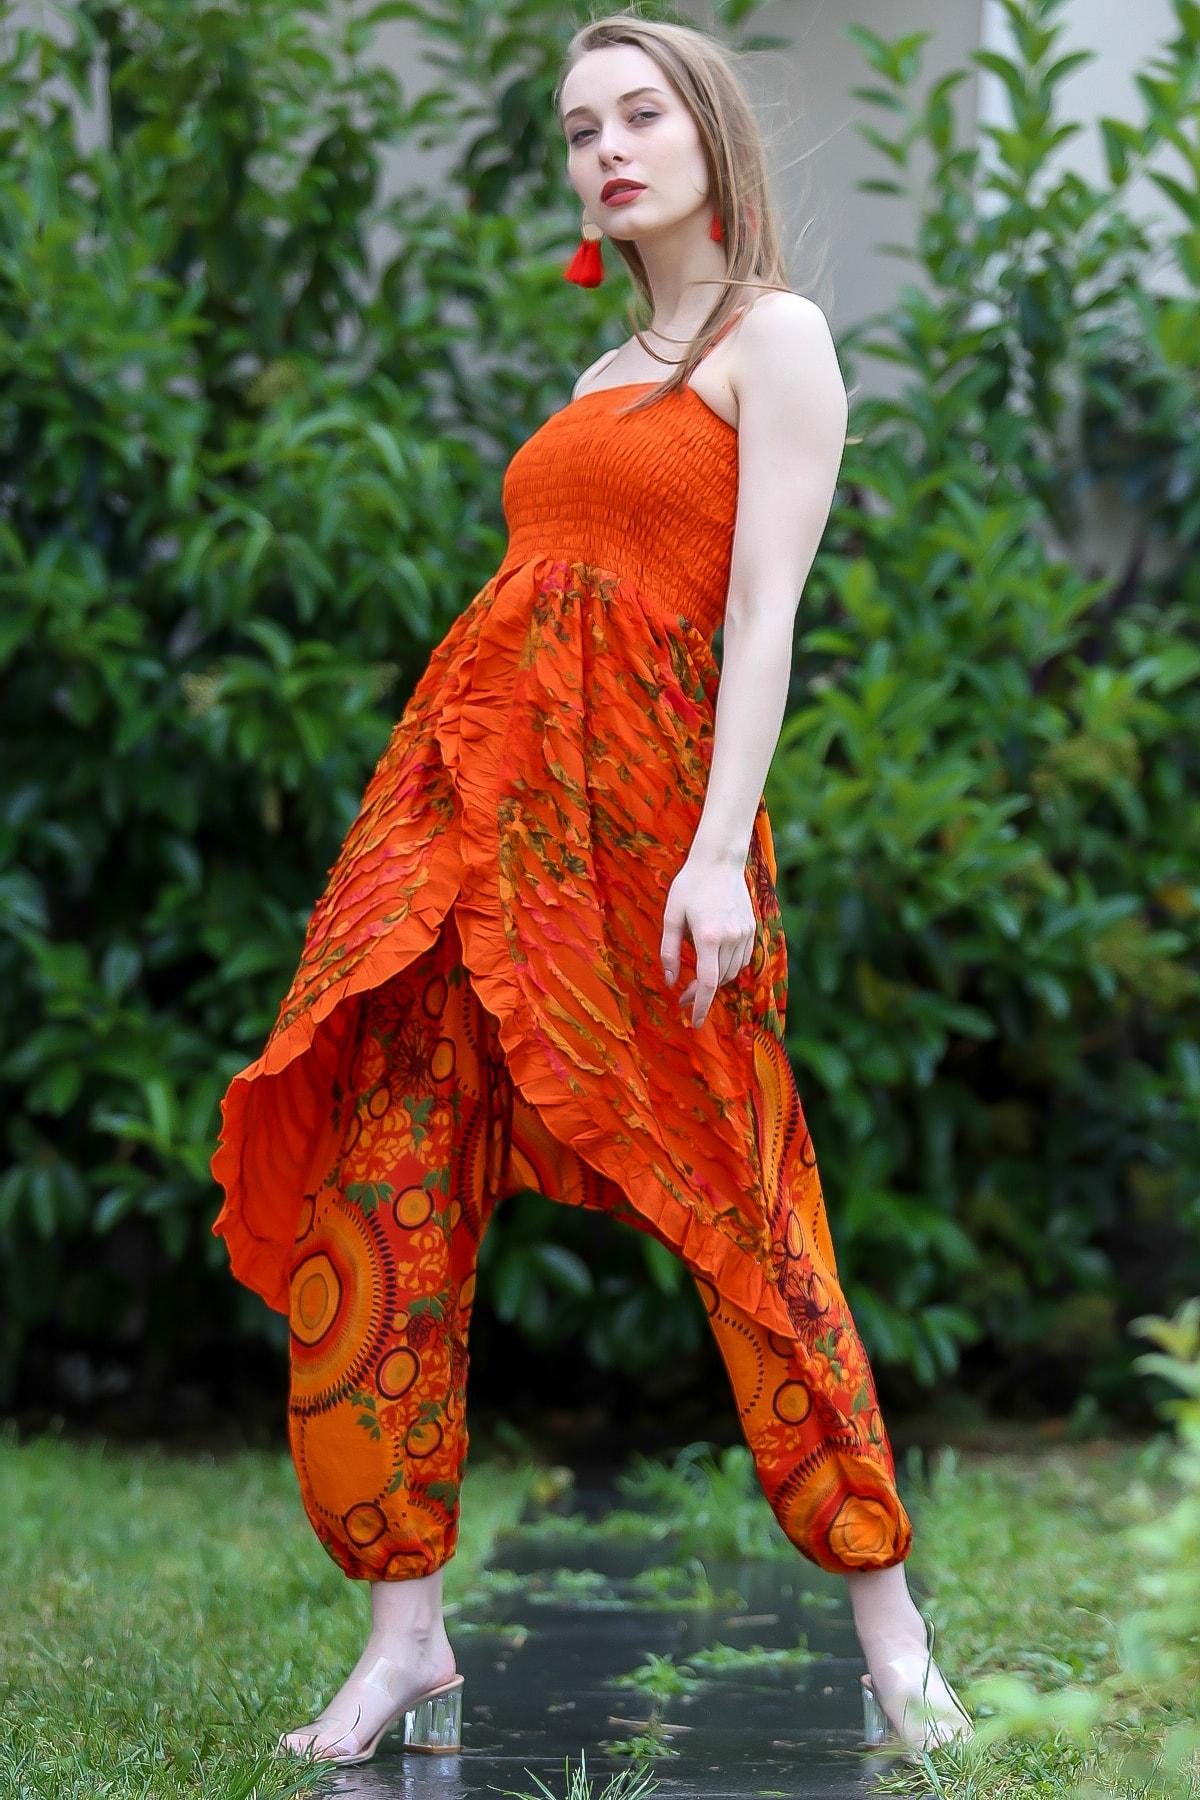 Chiccy Kadın Turuncu Bohem Özel Tasarım Gipe Detaylı Askılı Kapaklı Şalvar Tulum M10160000El96707